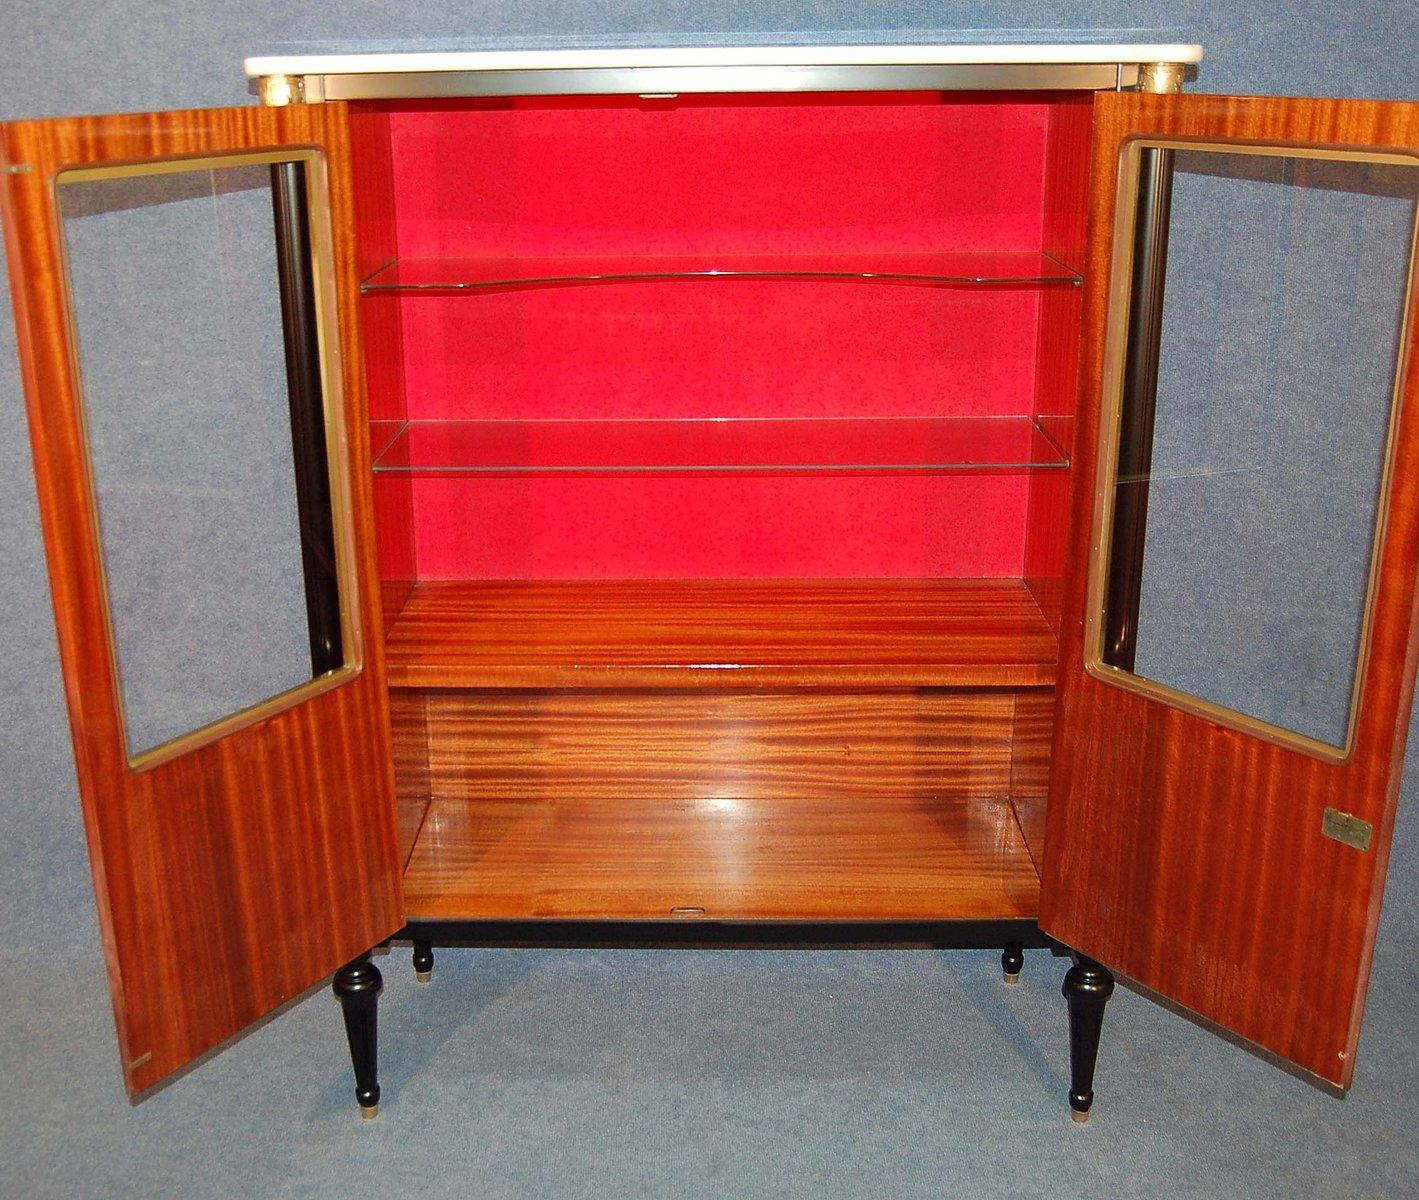 meuble vintage en acajou avec plateau en marbre france en vente sur pamono. Black Bedroom Furniture Sets. Home Design Ideas